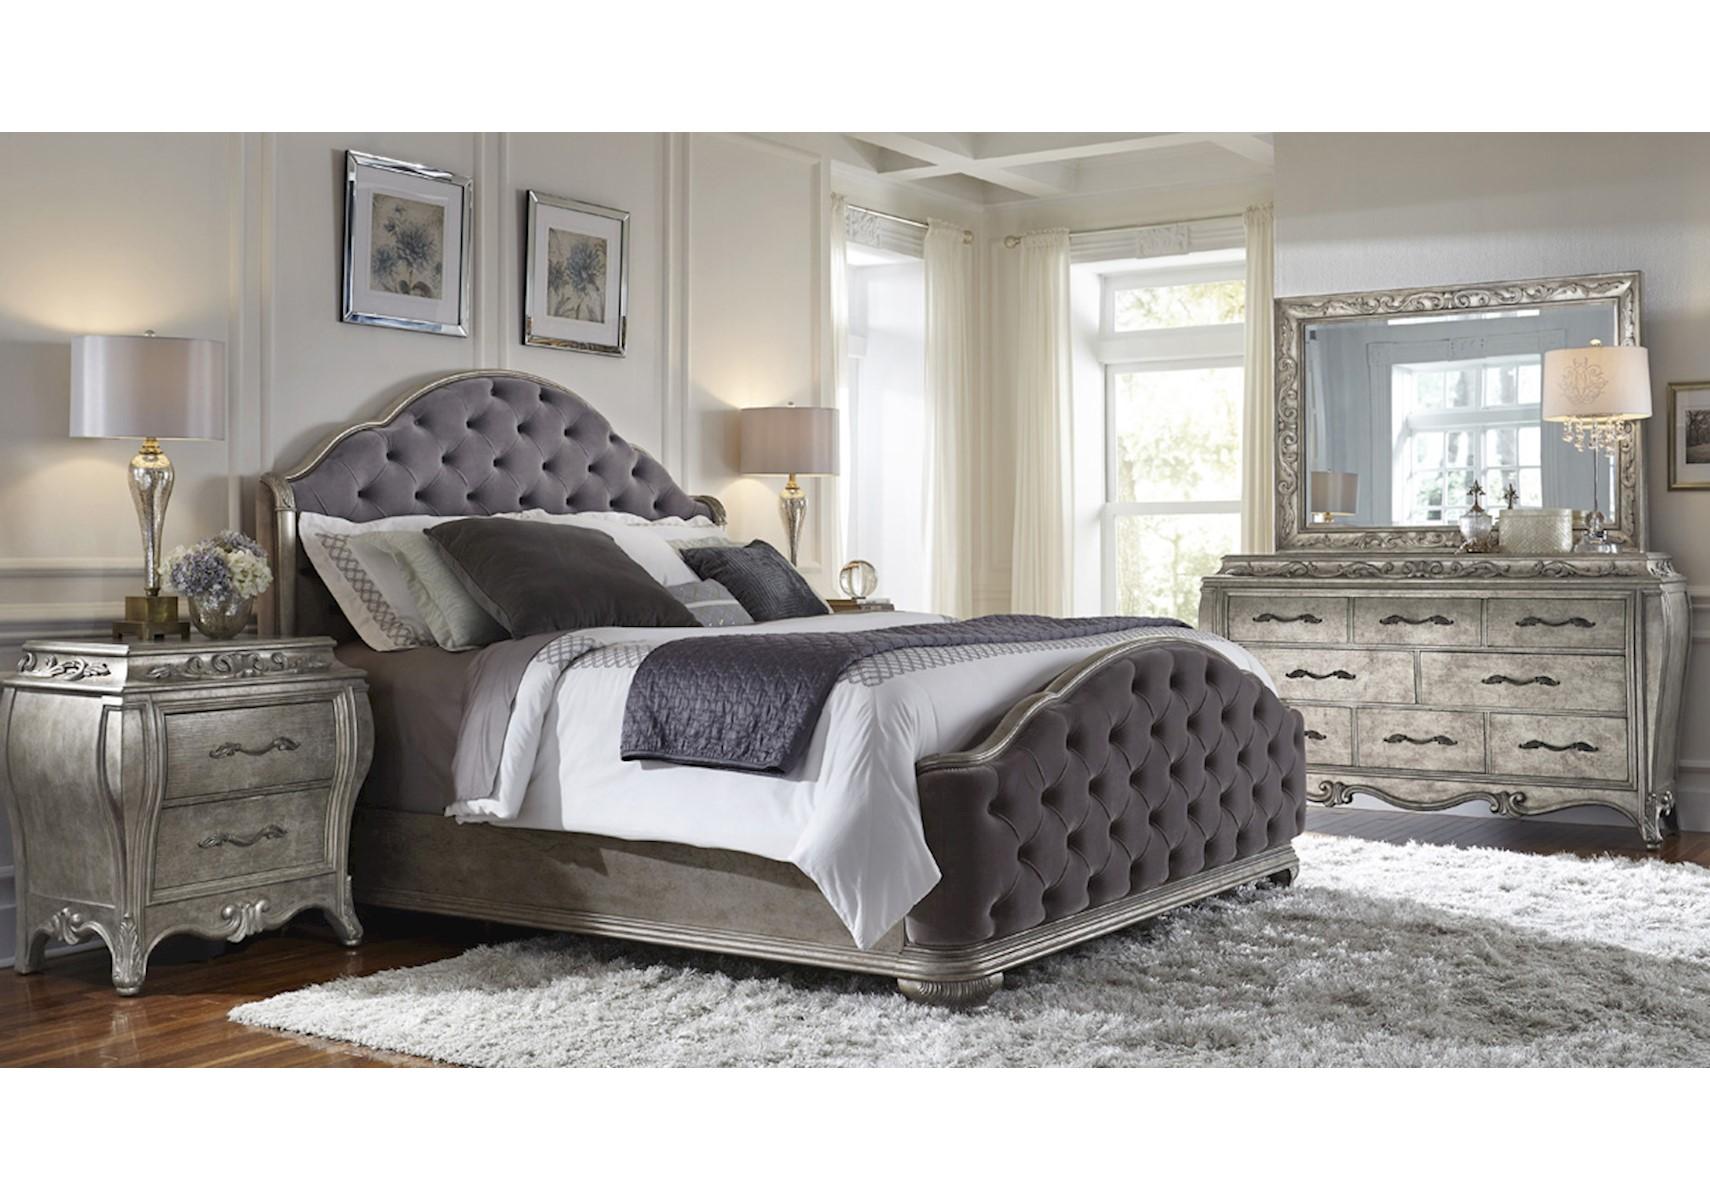 Lacks | Rhianna 4-Pc Queen Bedroom Set